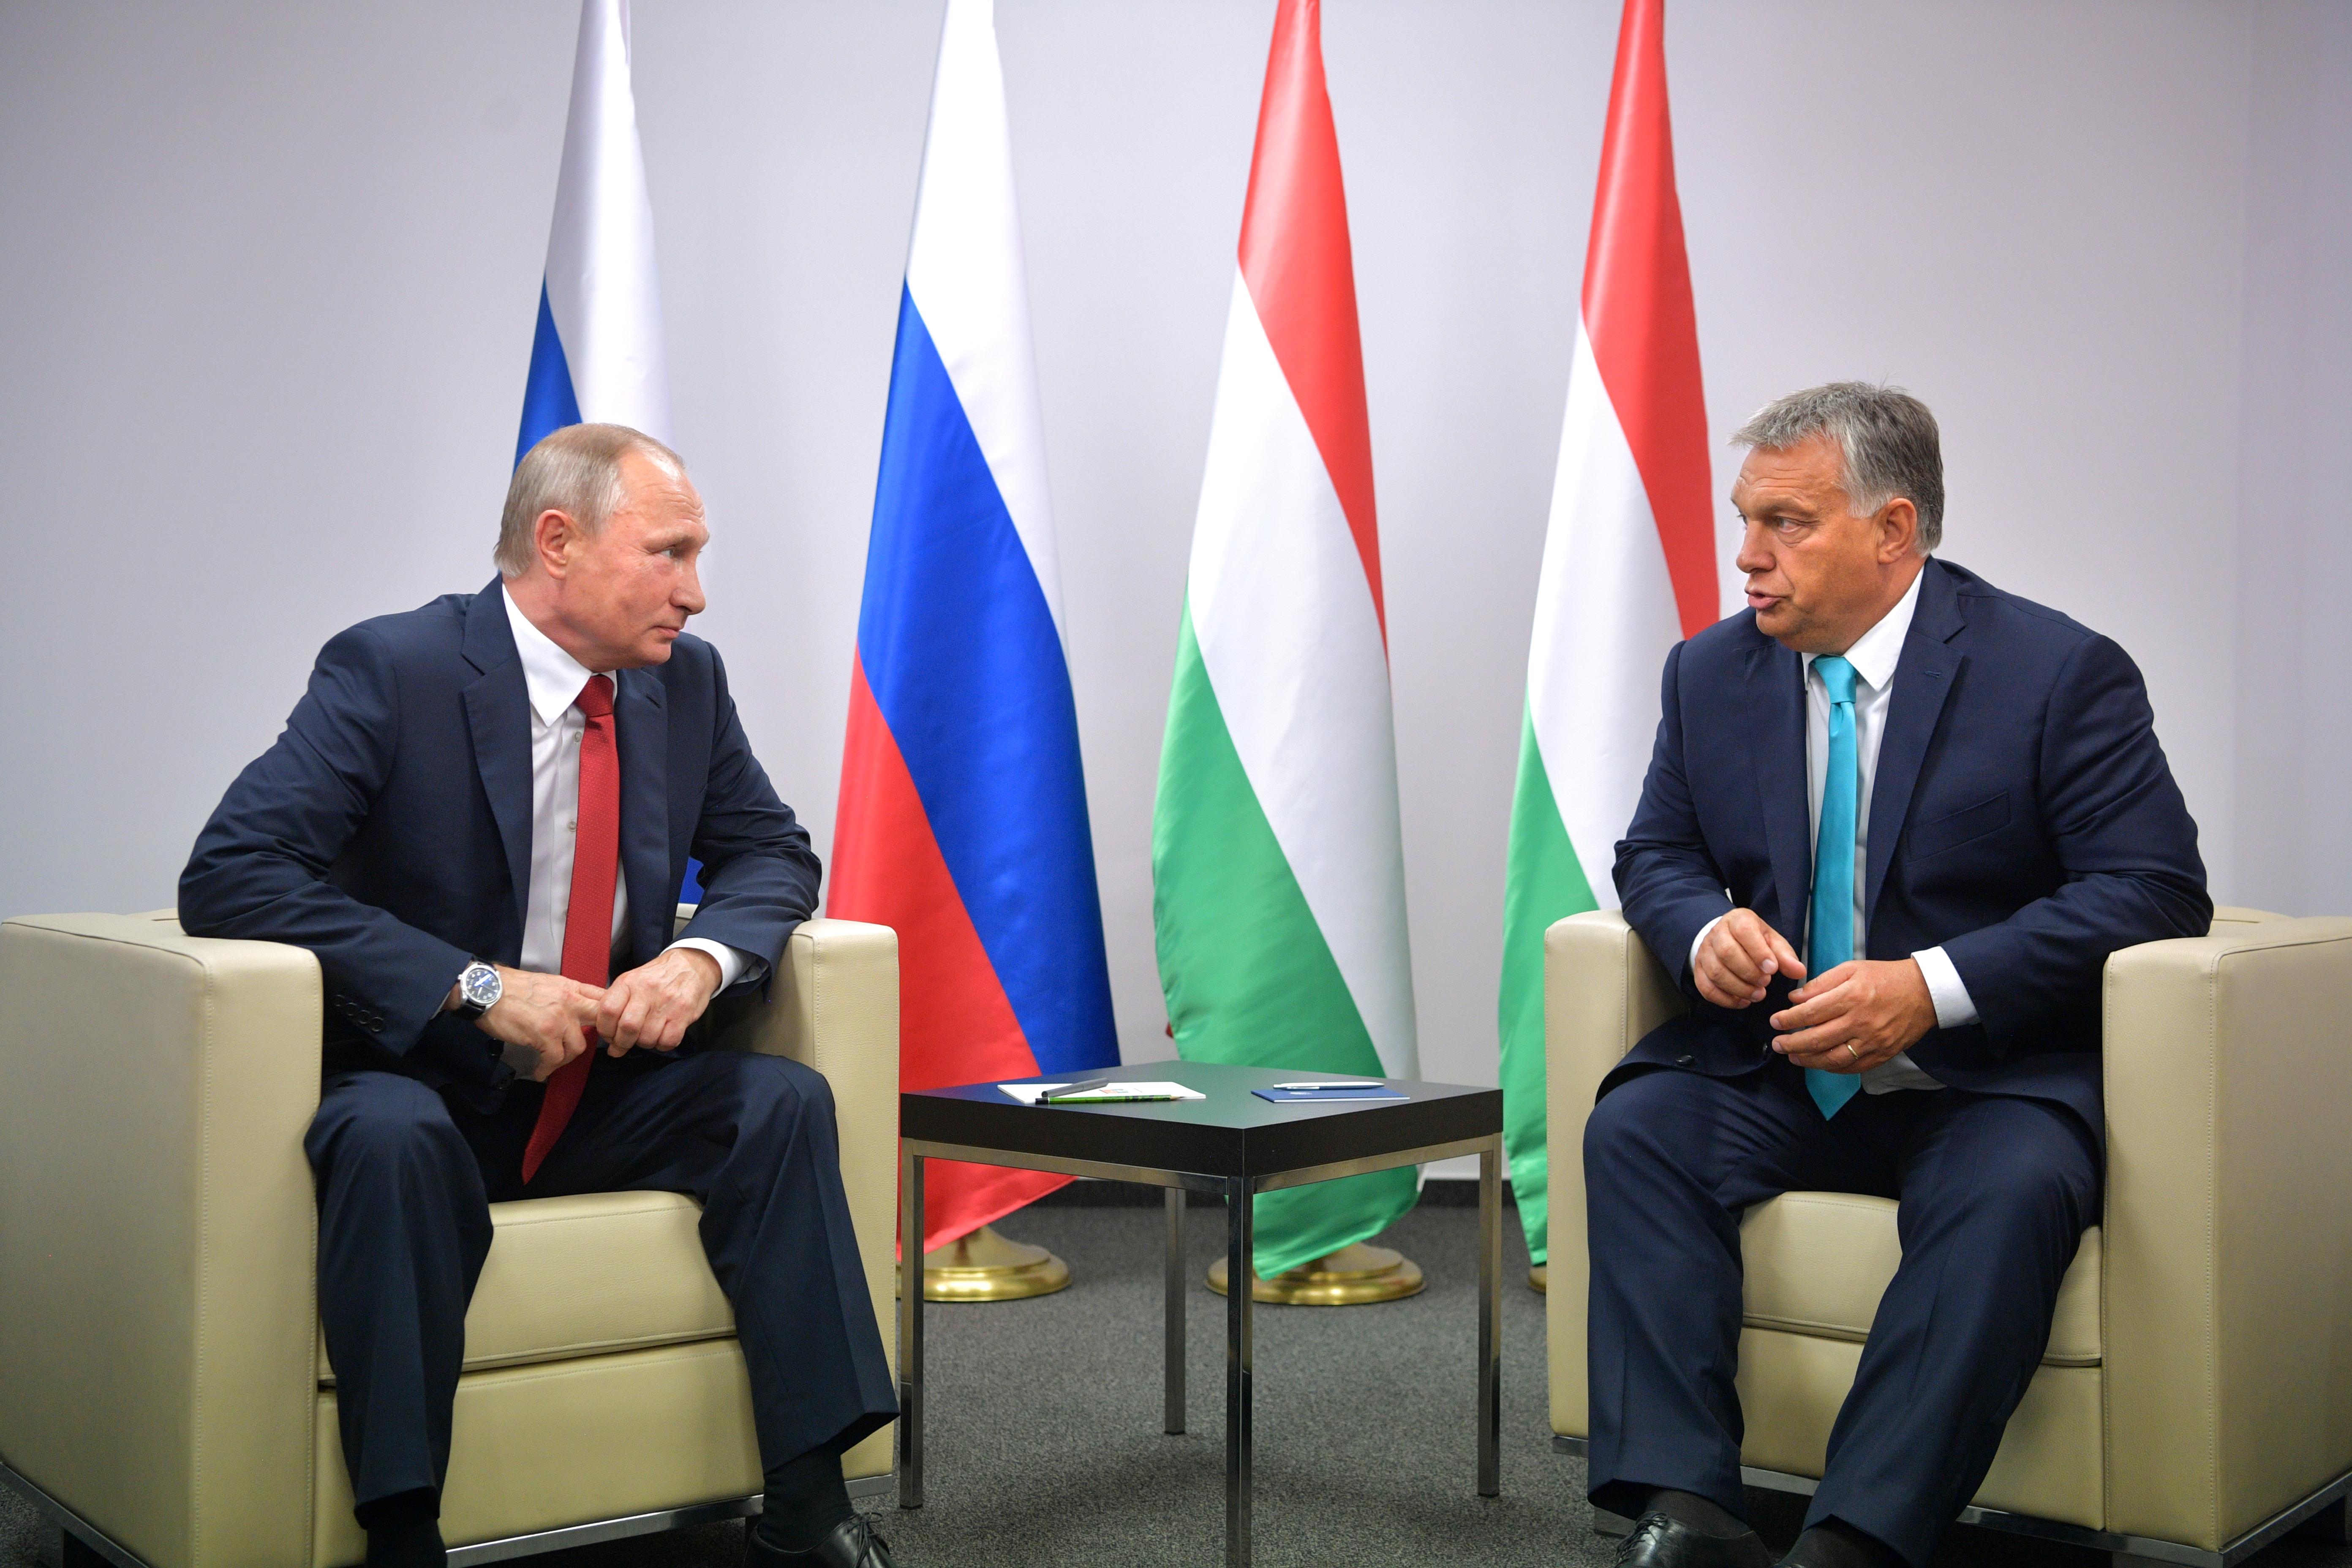 Orbán azzal próbálta lenyűgözni Putyint, hogy itt szoktak idézni         a dzsúdós könyvéből, amit magyarra le sem fordítottak